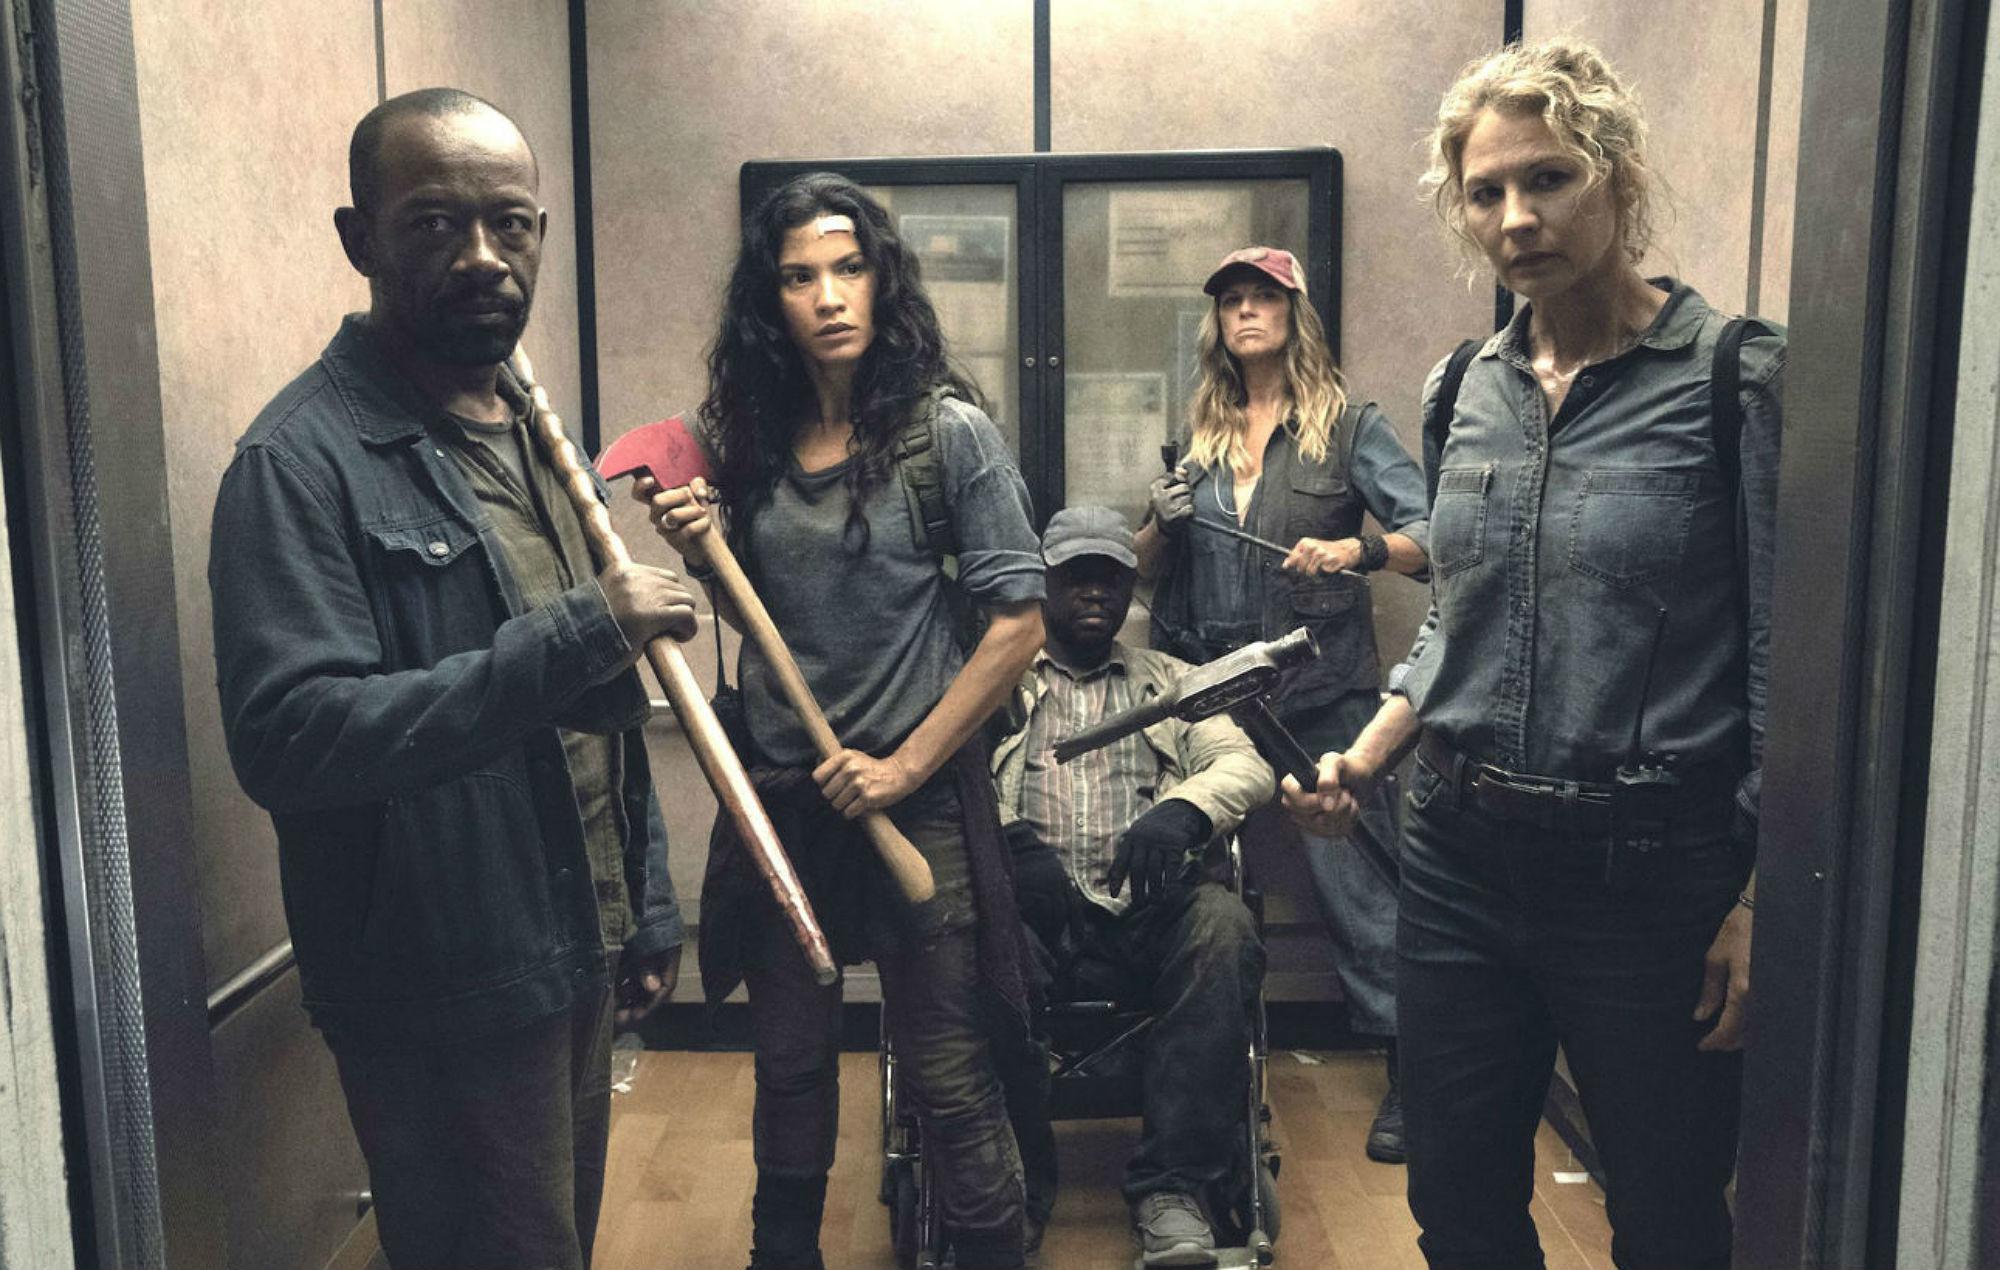 Fear the Walking Dead Season 6 Episode 11 Release Date and Spoilers